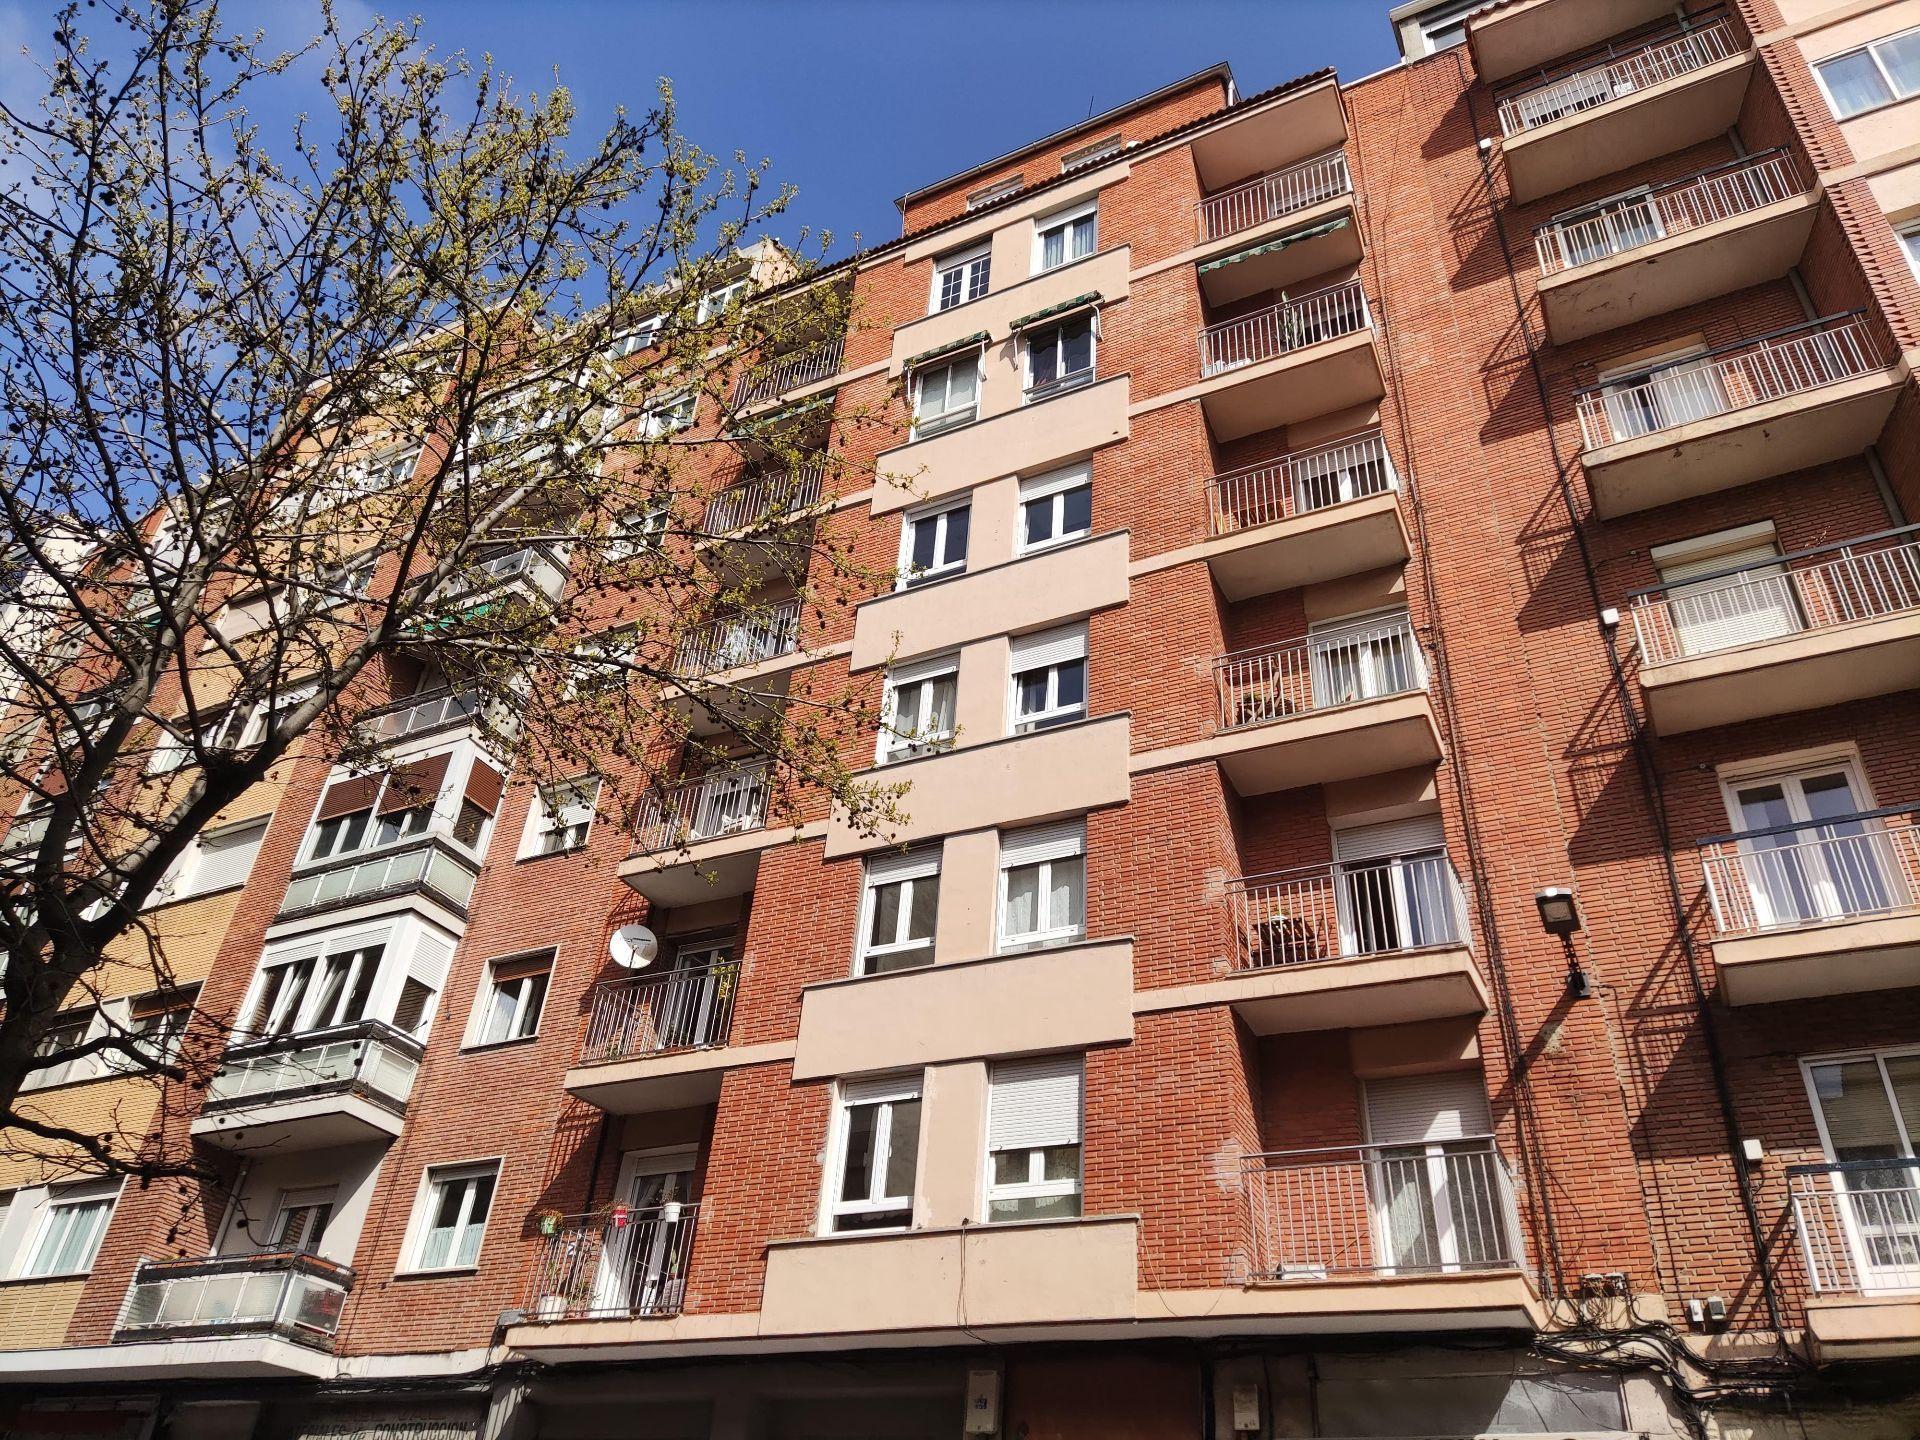 Piso en Valladolid, CENTRO, venta